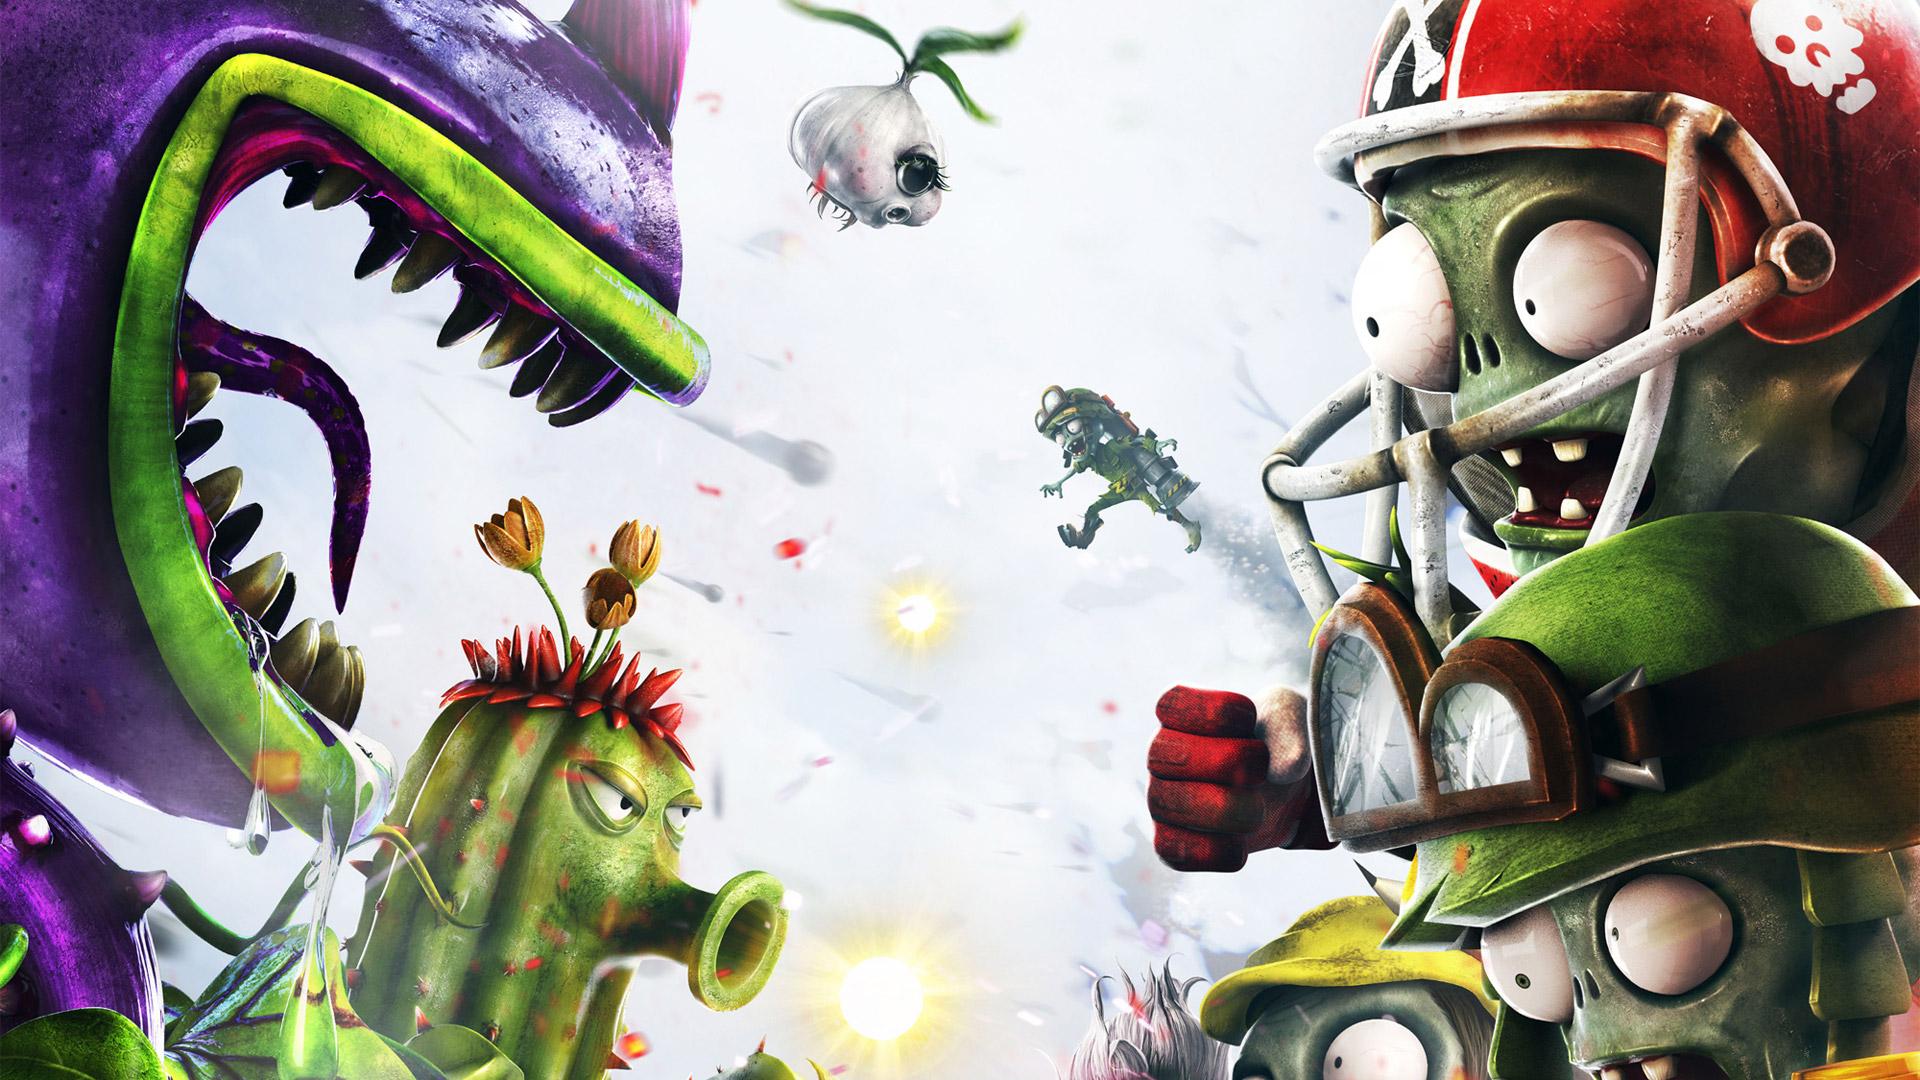 Free Download Plants Vs Zombies Garden Warfare Wallpaper In